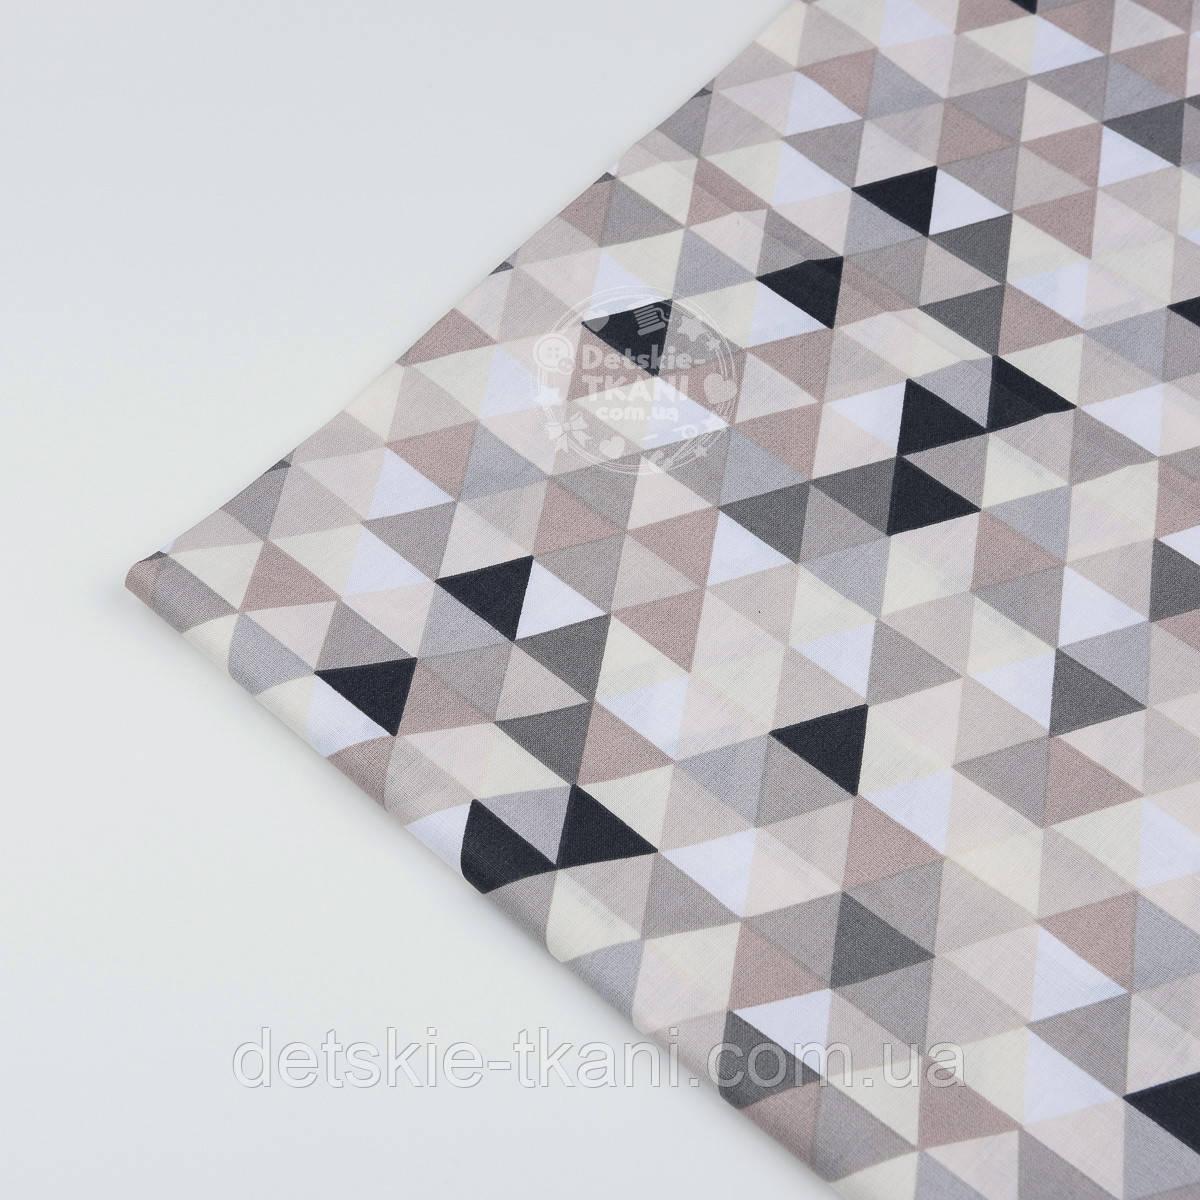 Лоскут ткани с маленькими коричневыми и серыми треугольниками,  №1242а, размер 18*160 см